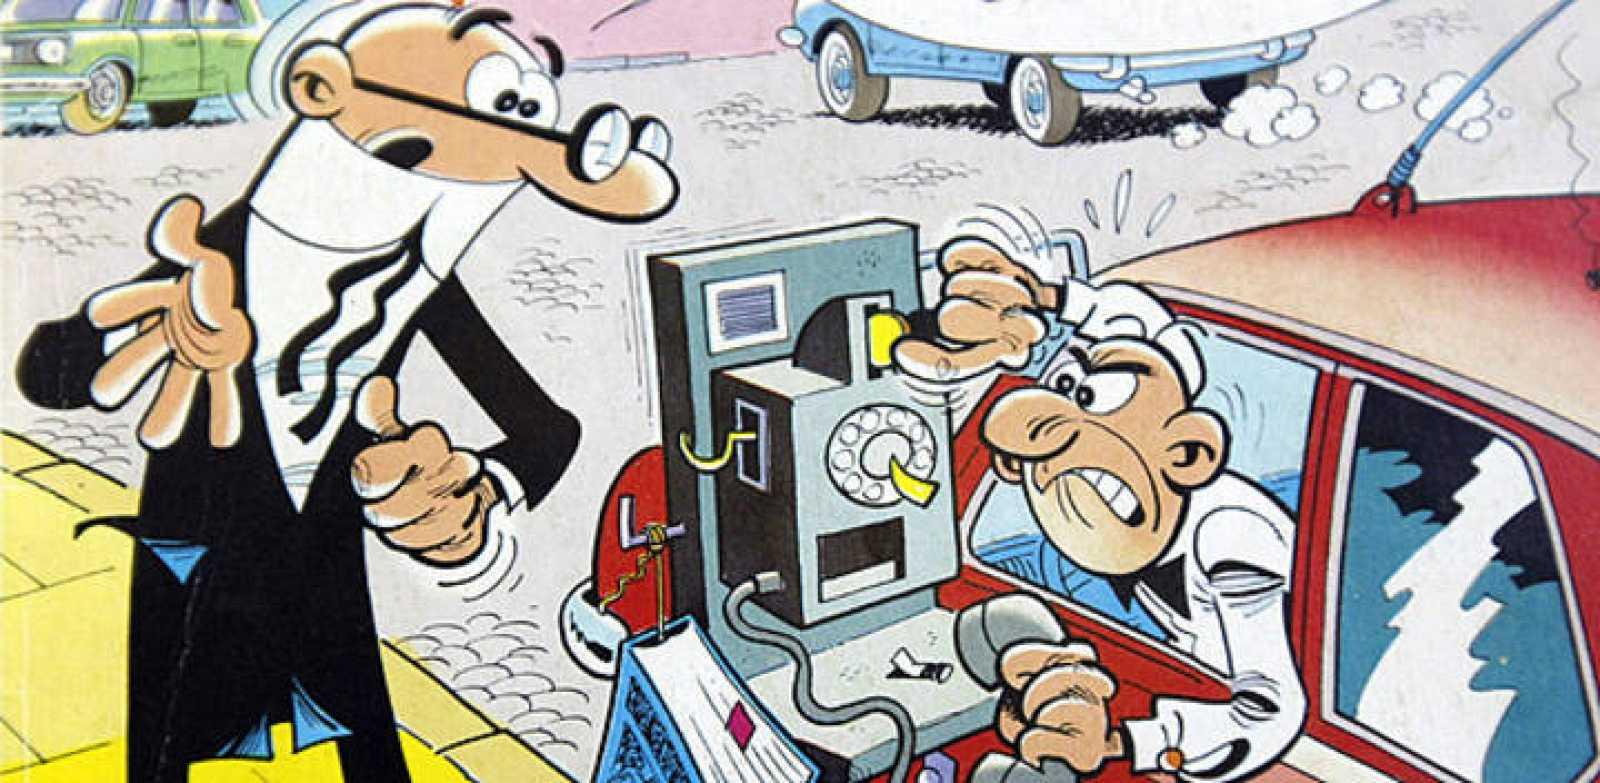 Mortadelo y Filemón, los personajes más famosos del cómic español